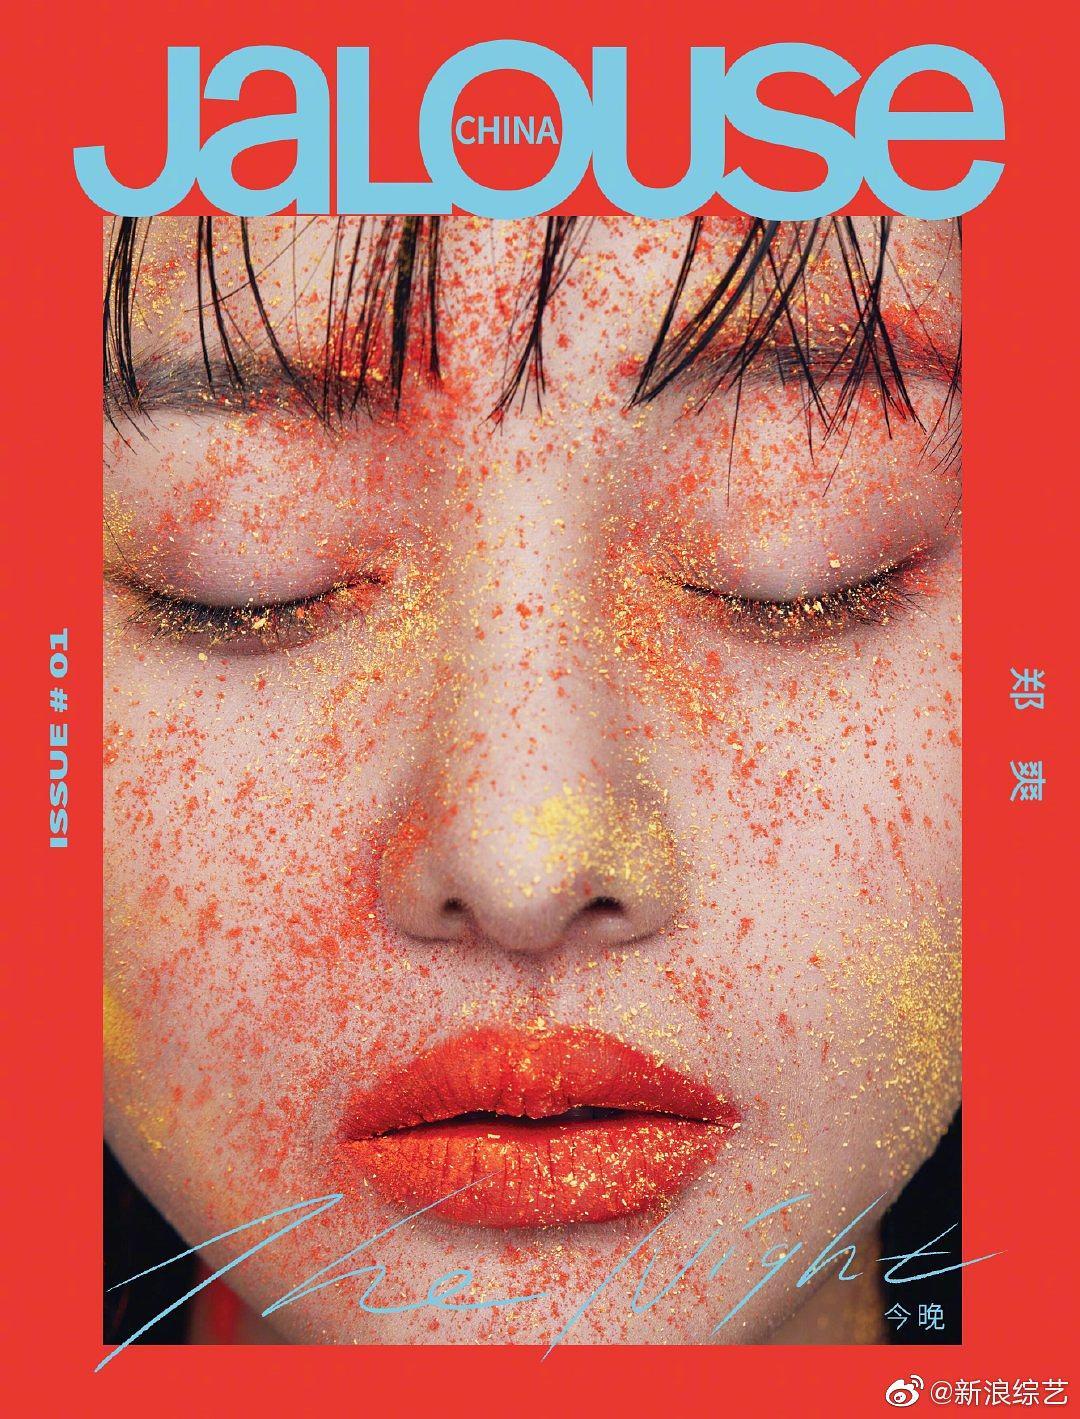 郑爽又拍杂志了!7年前得罪时尚圈的账还算吗